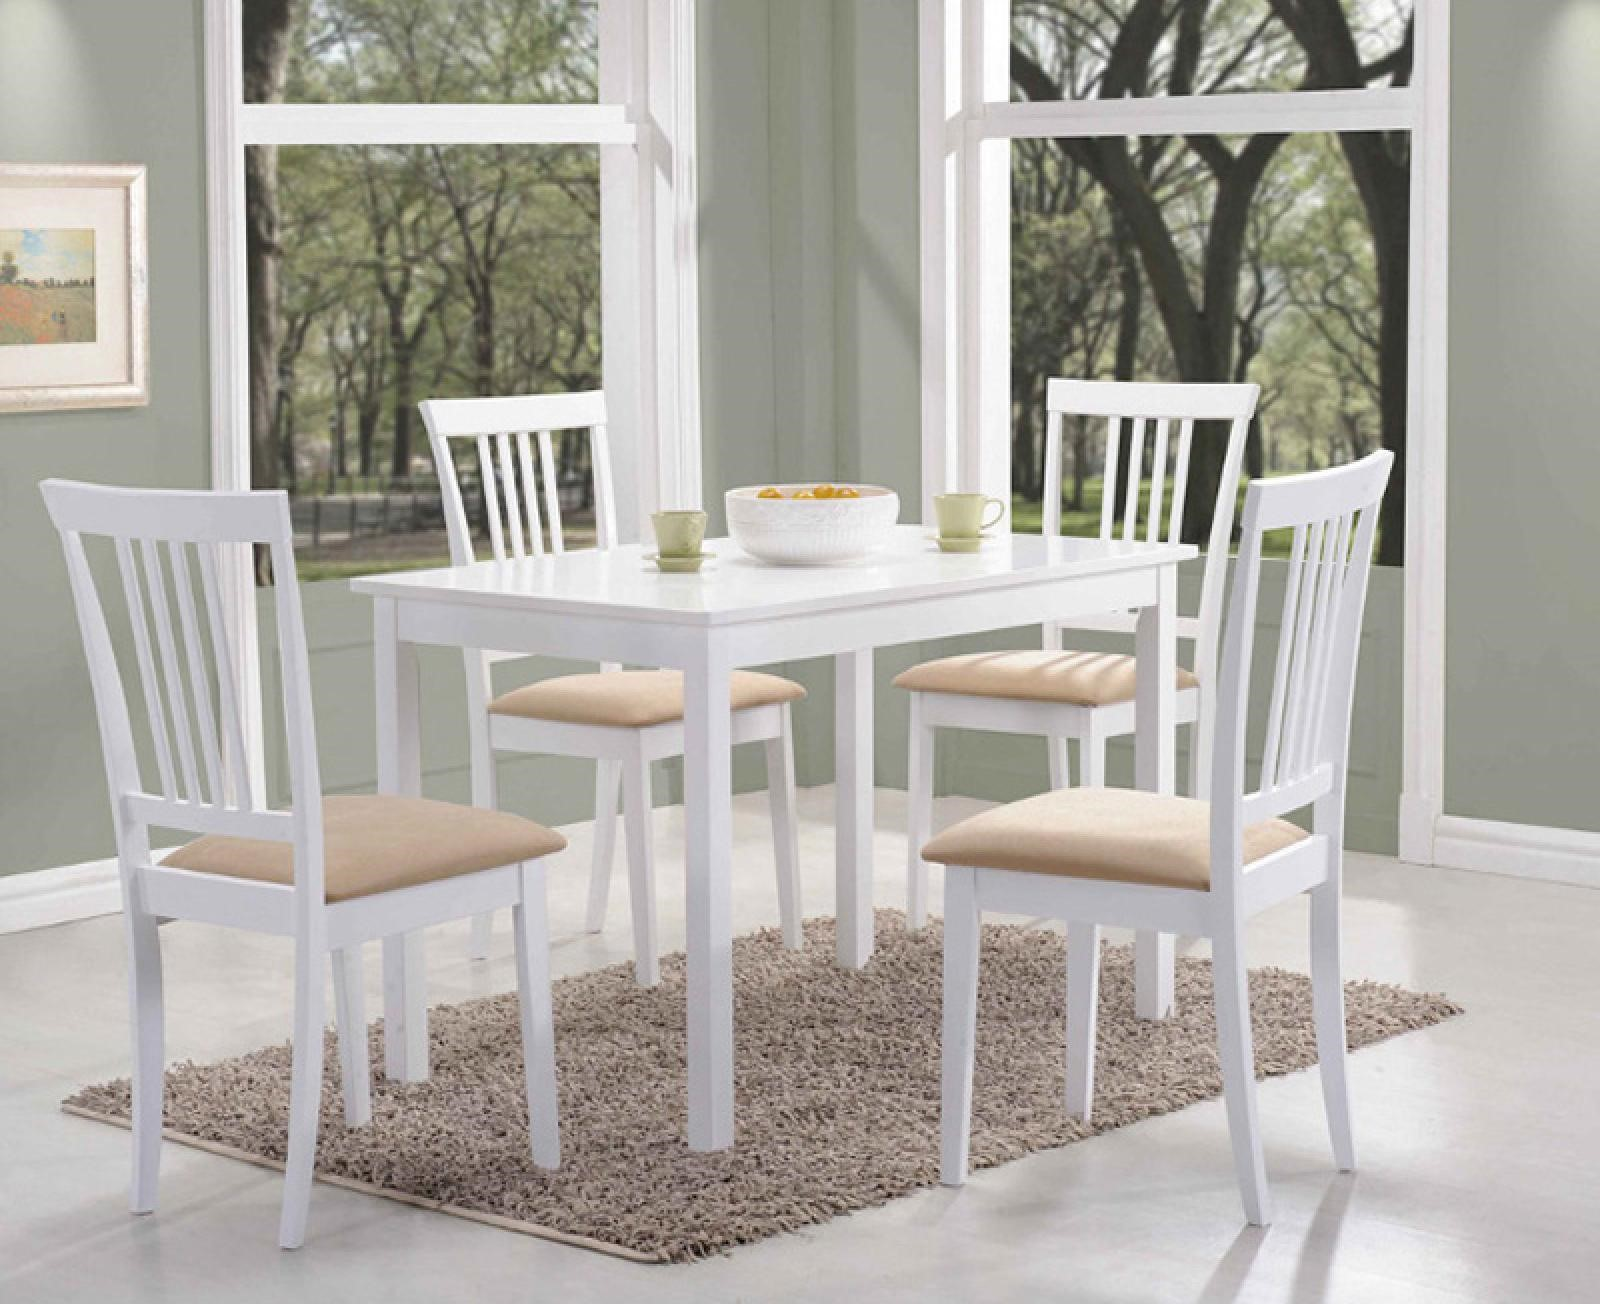 Fa étkezőasztal, asztal, étkező